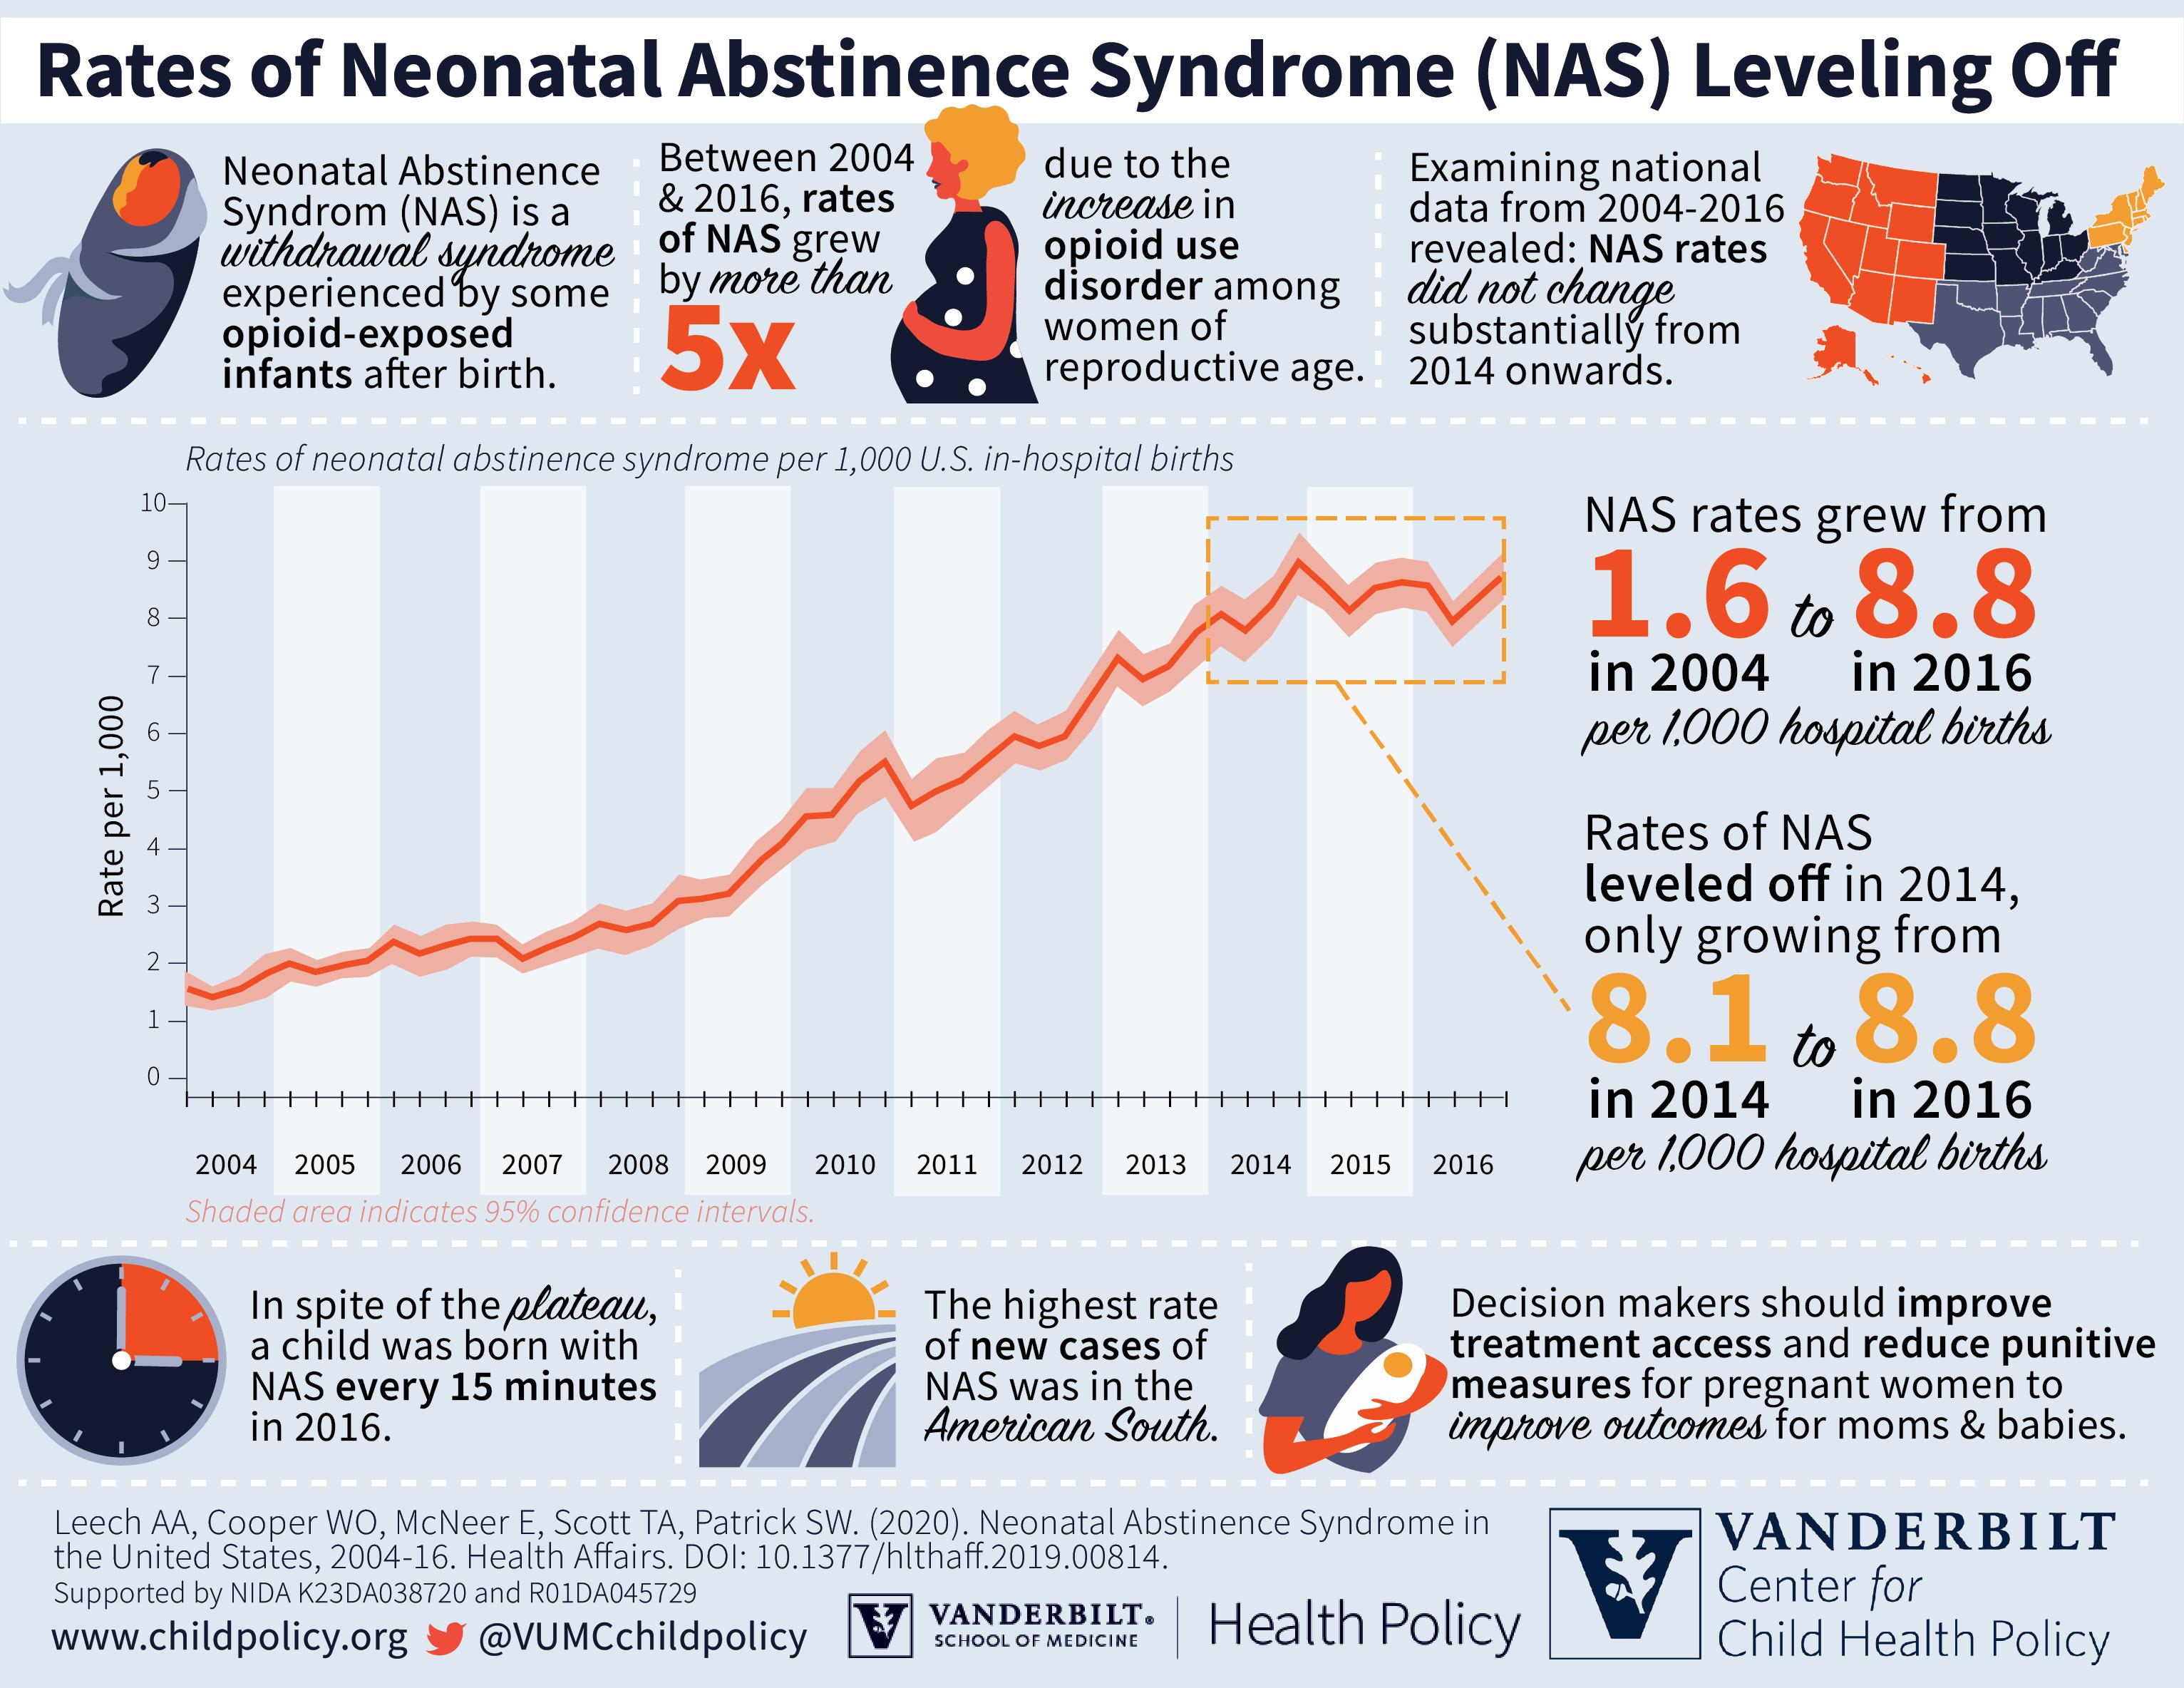 NAS infants opioid crisis trends